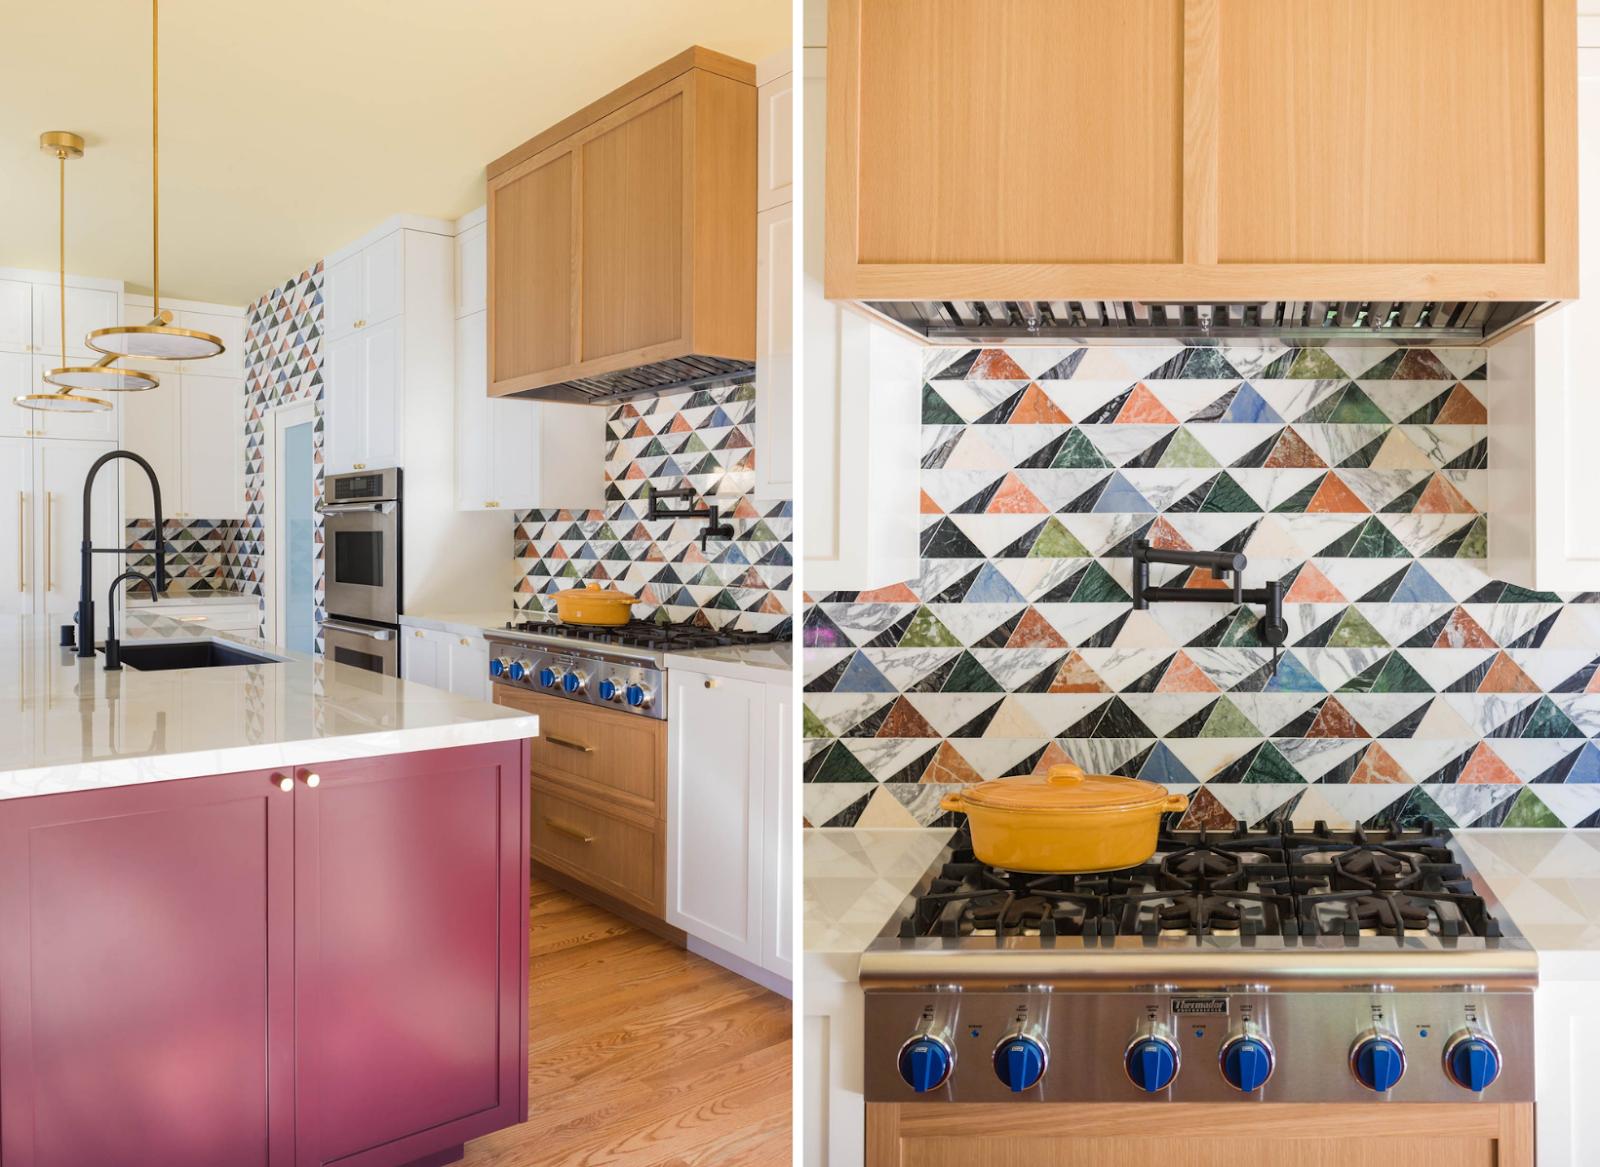 kitchen renovation oakland joy street design colorful tiles backsplash over range green pink blue